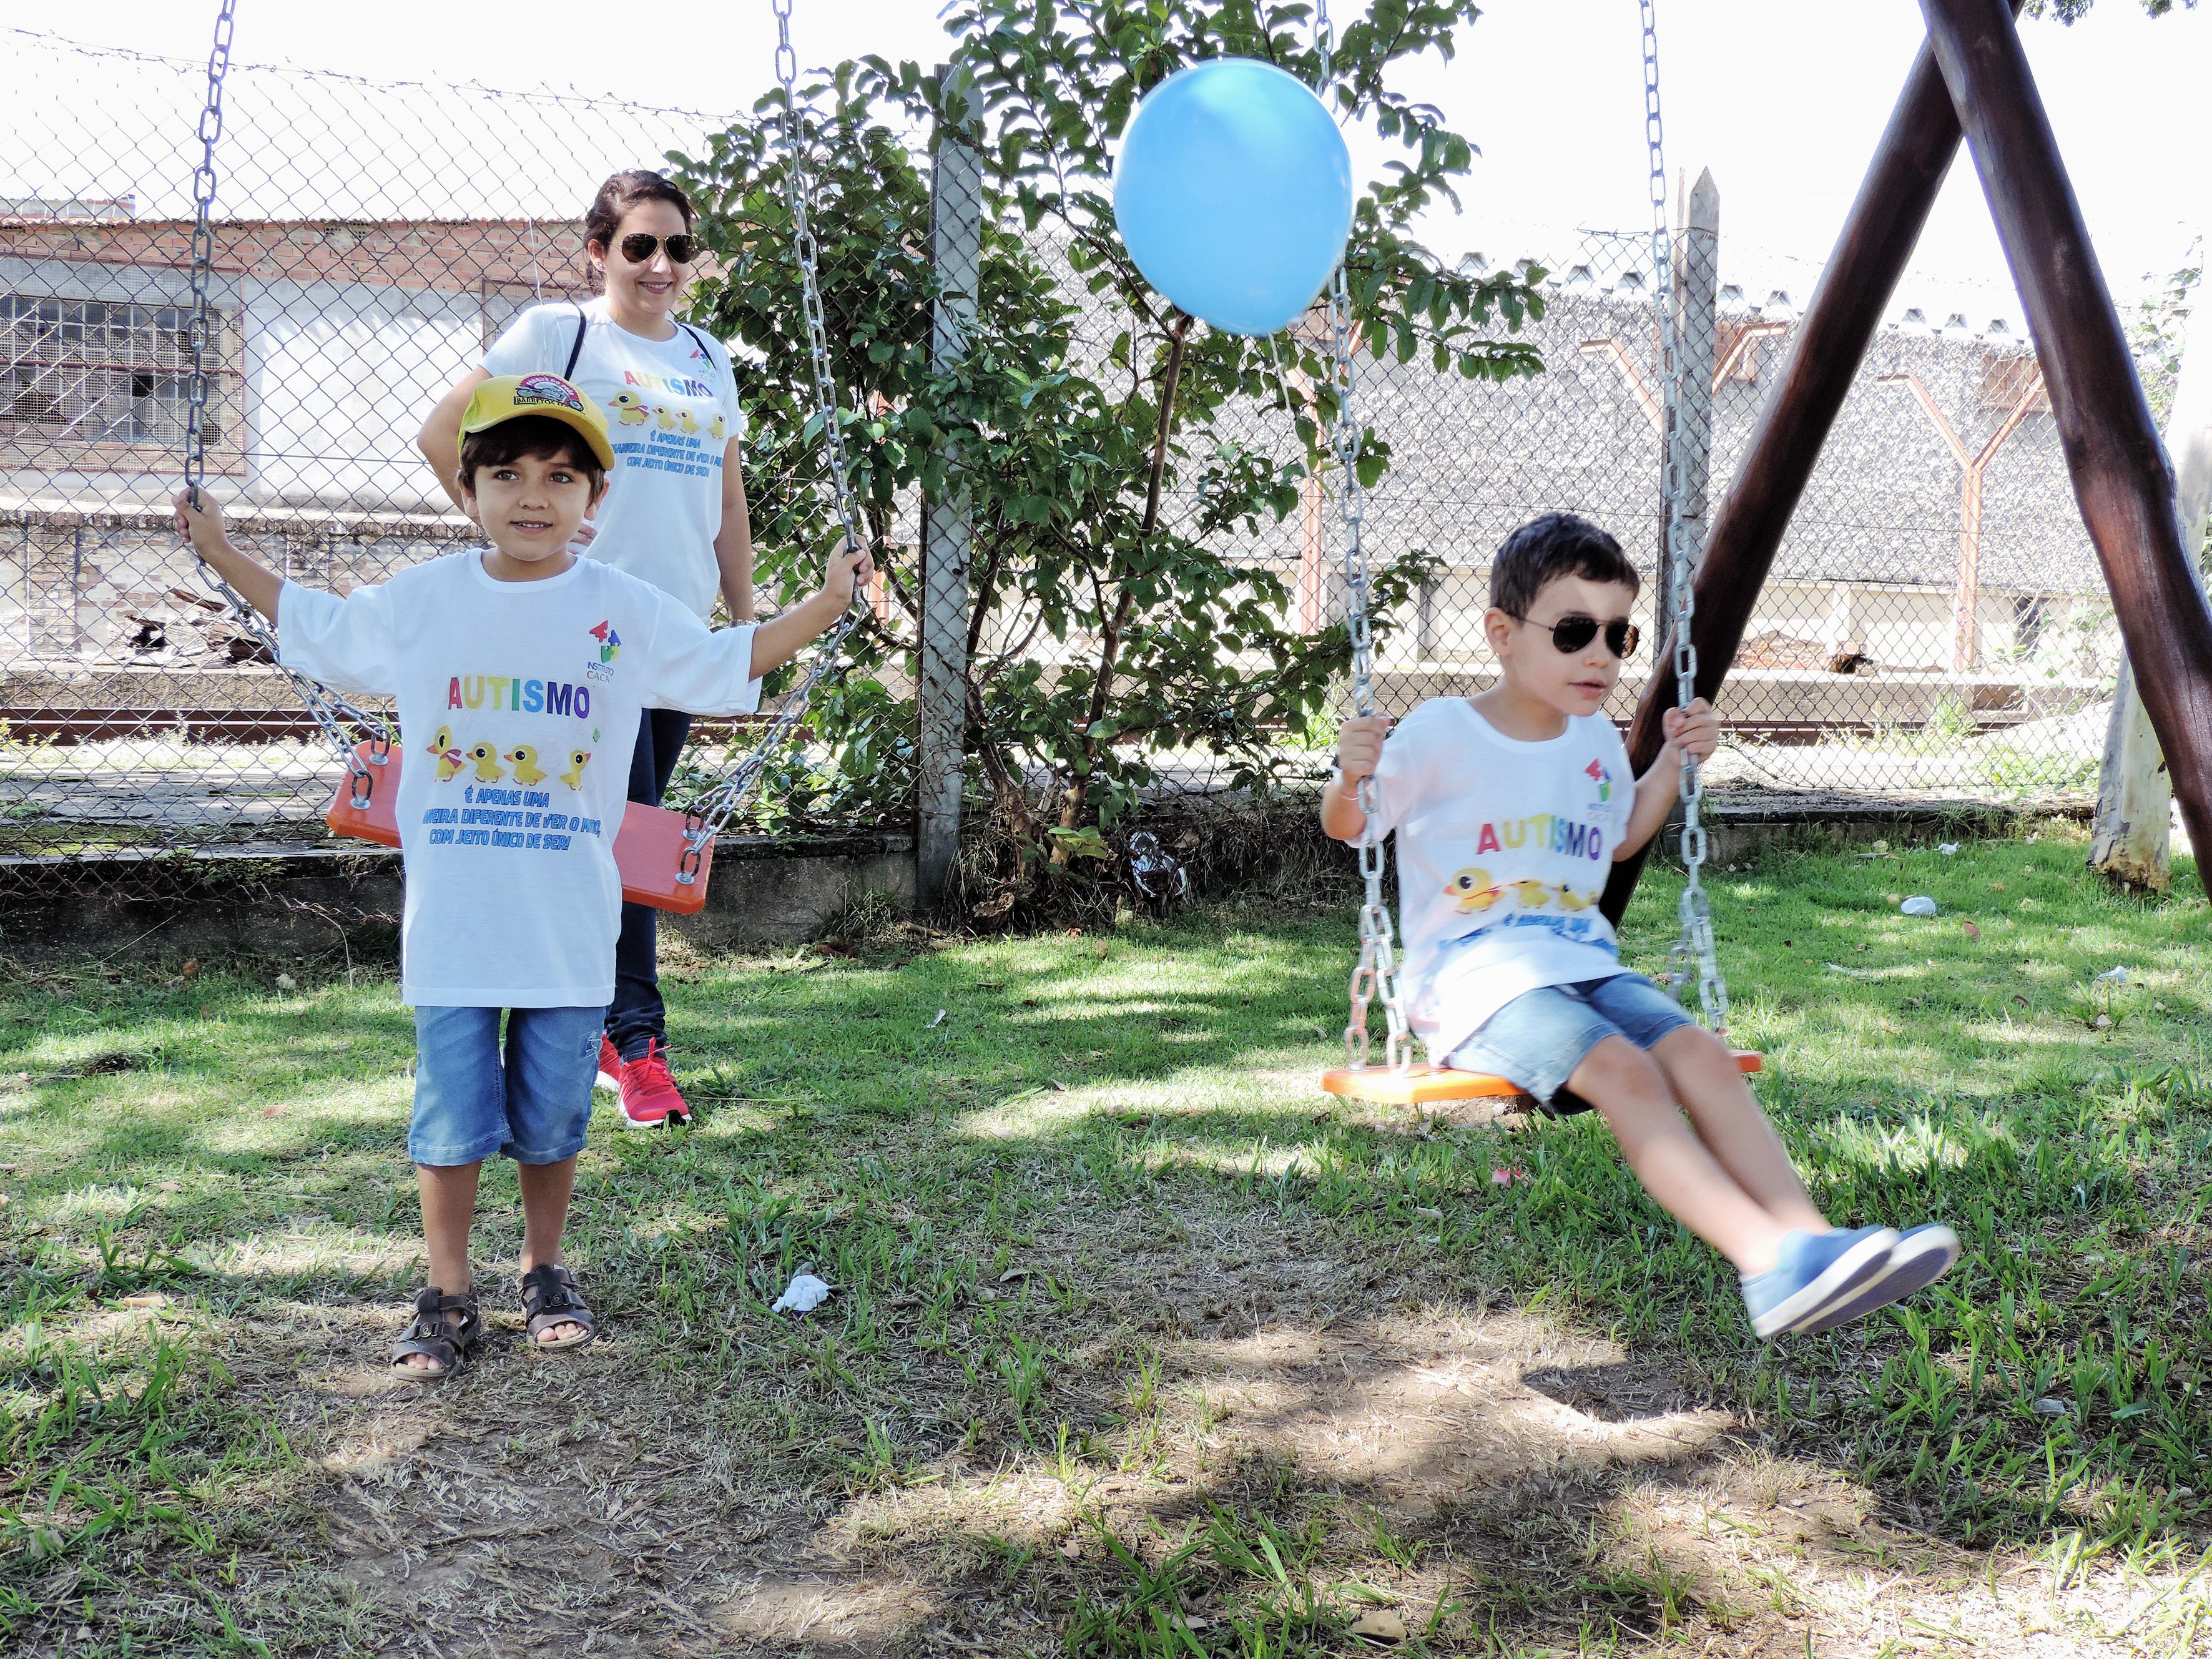 Família que participa de ações do instituto Cacau, durante evento de conscientização em Lorena; programa garante maior apoio na cidade (Foto: Arquivo Atos)